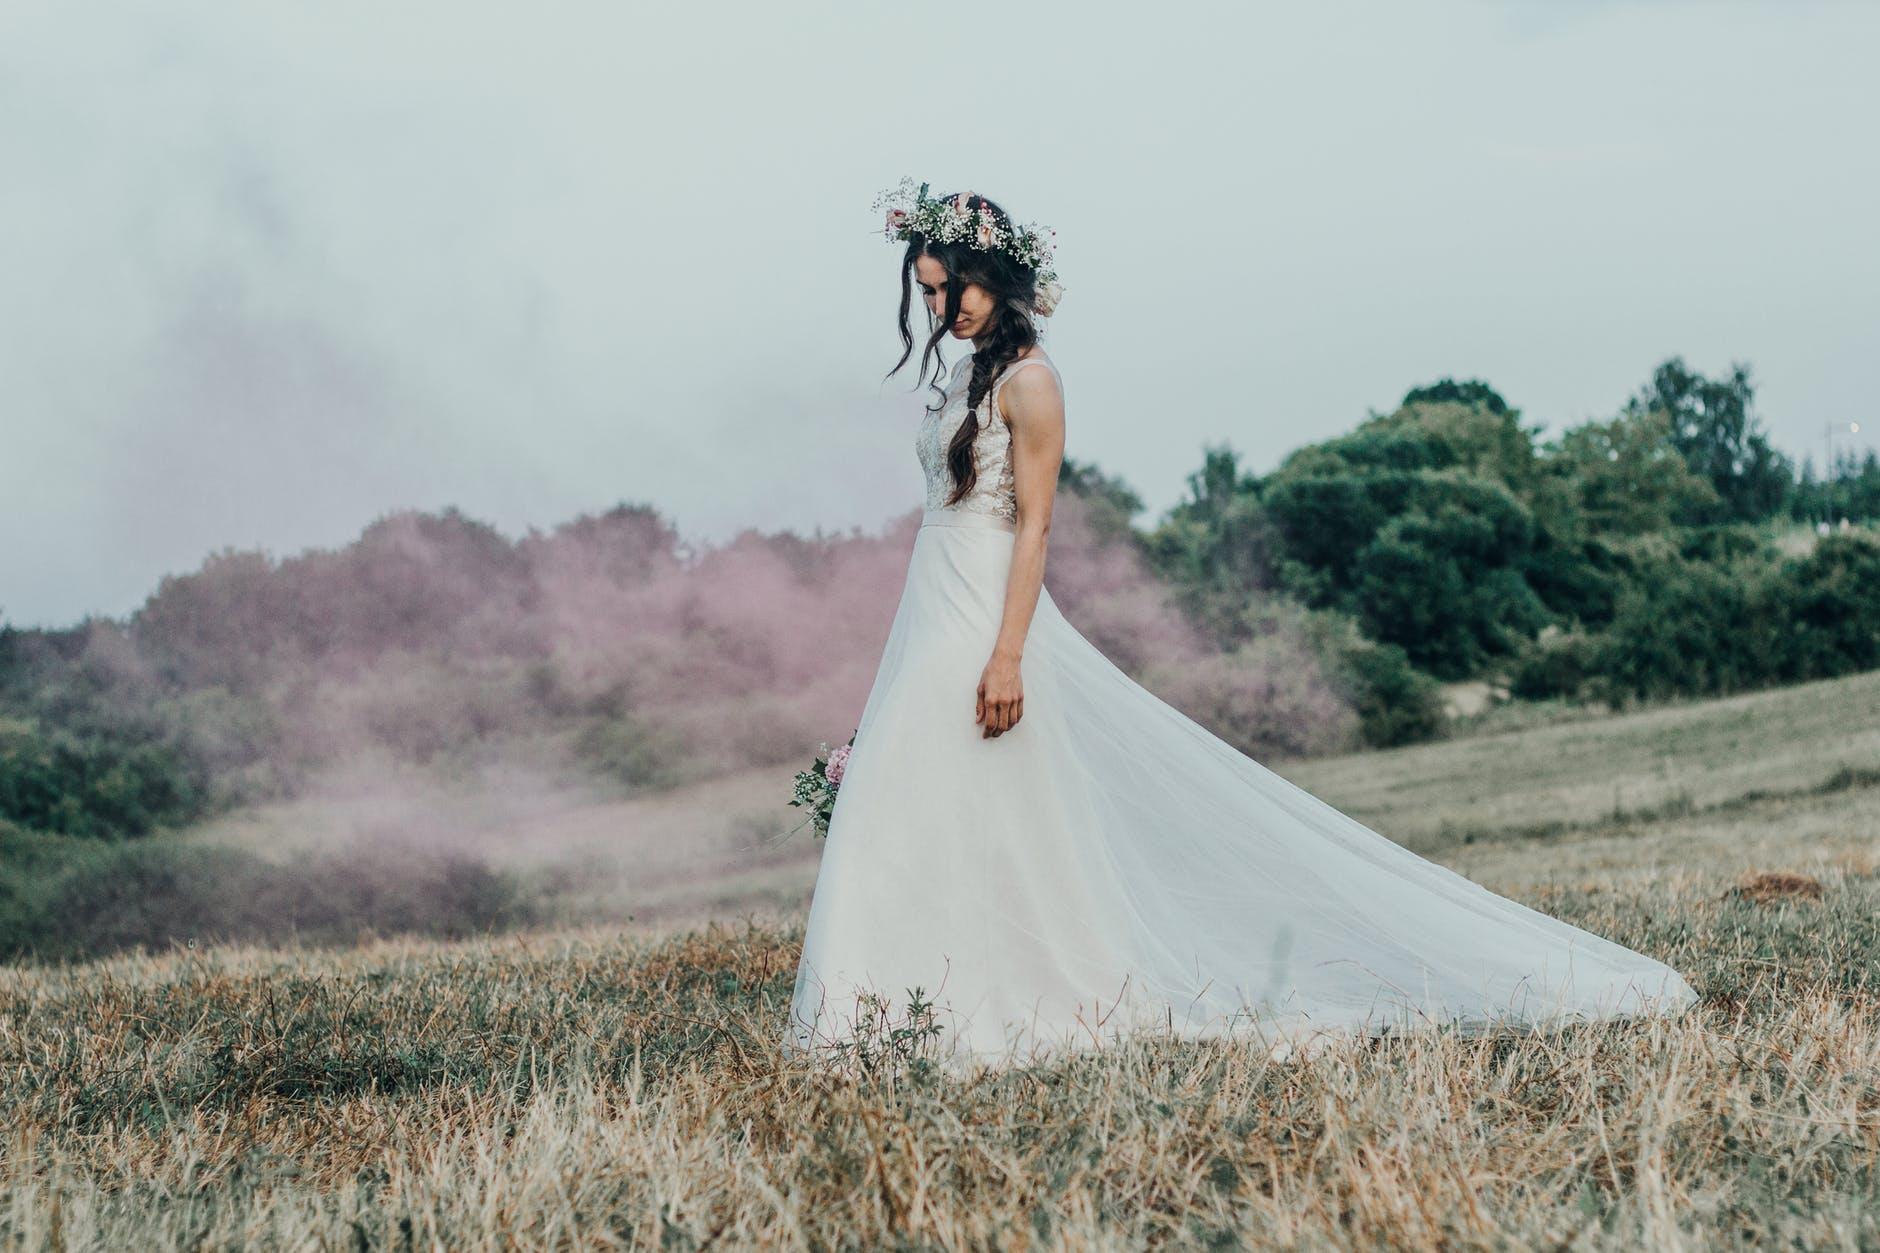 Vestidos de novia de firma y exclusividad. - Marián Novias